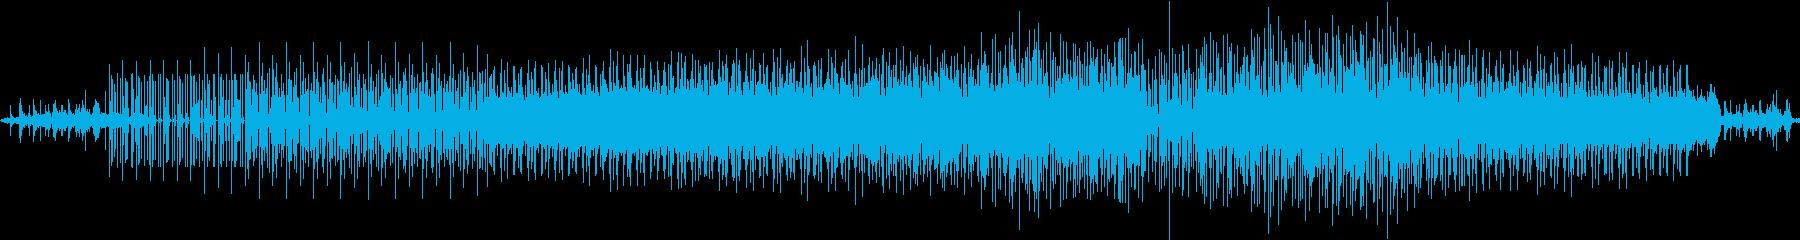 水音・雨音が奏でる爽快ポップテクノの再生済みの波形